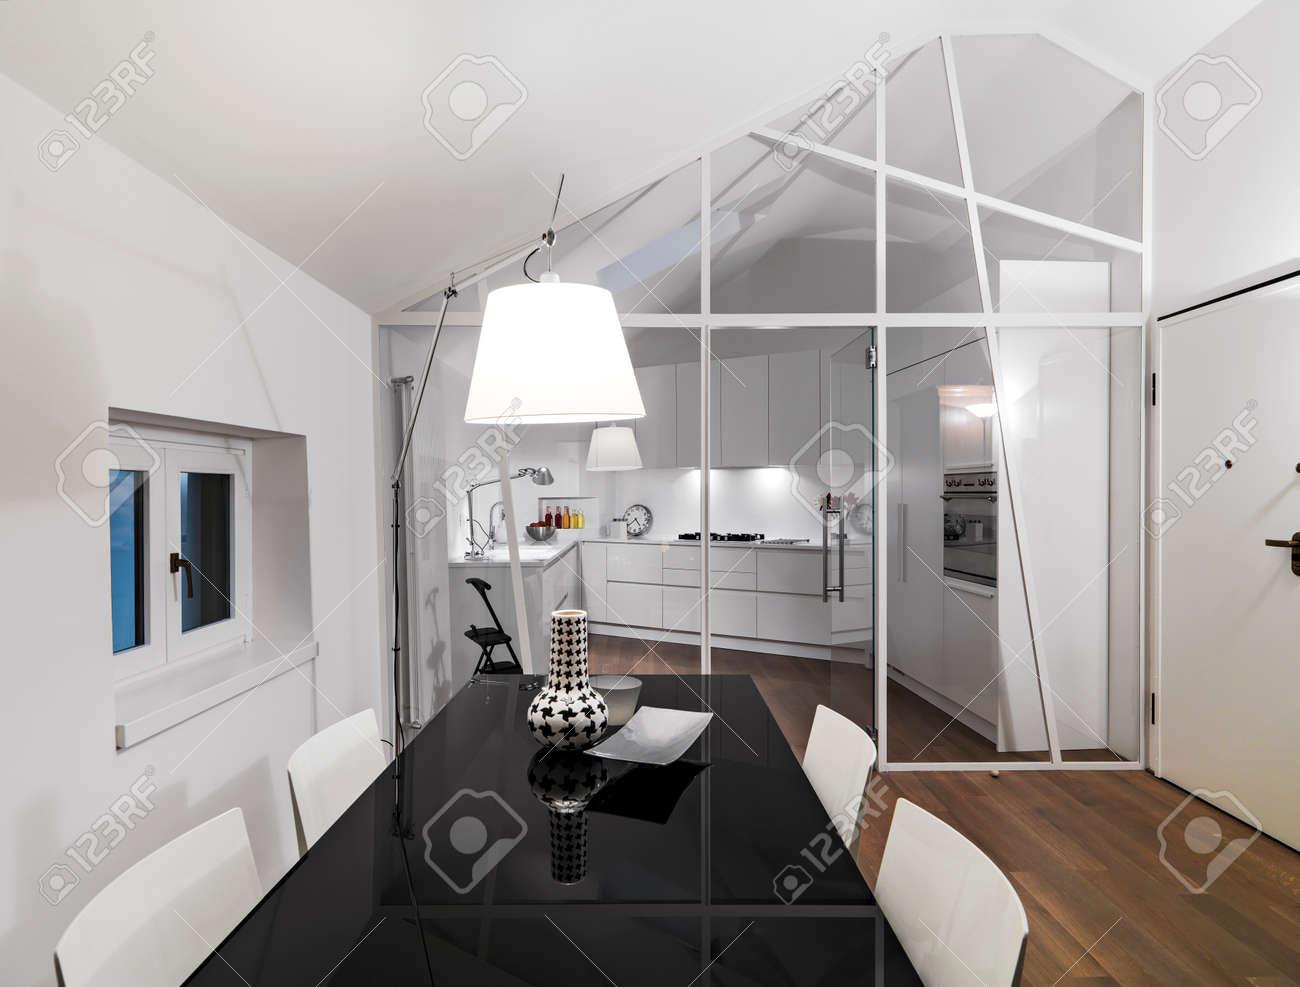 Fein Hohe Decke Küche Lichtideen Fotos - Ideen Für Die Küche ...